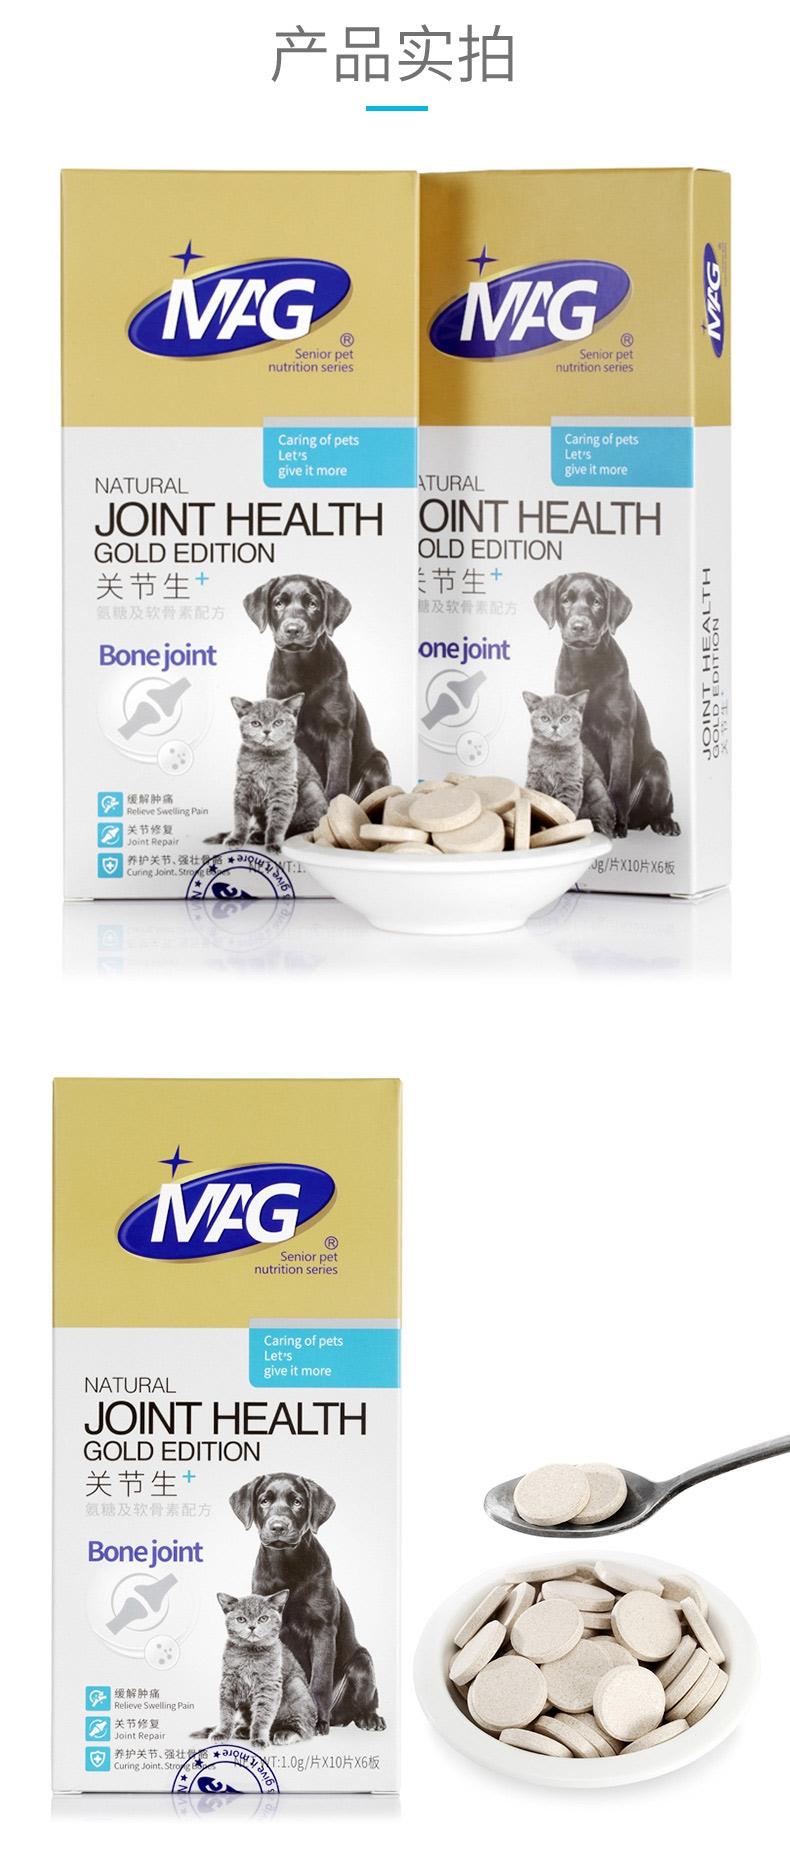 MAG 犬猫用关节生黄金版骨骼宝关节舒宠物关节灵 60片 修复骨折钙片